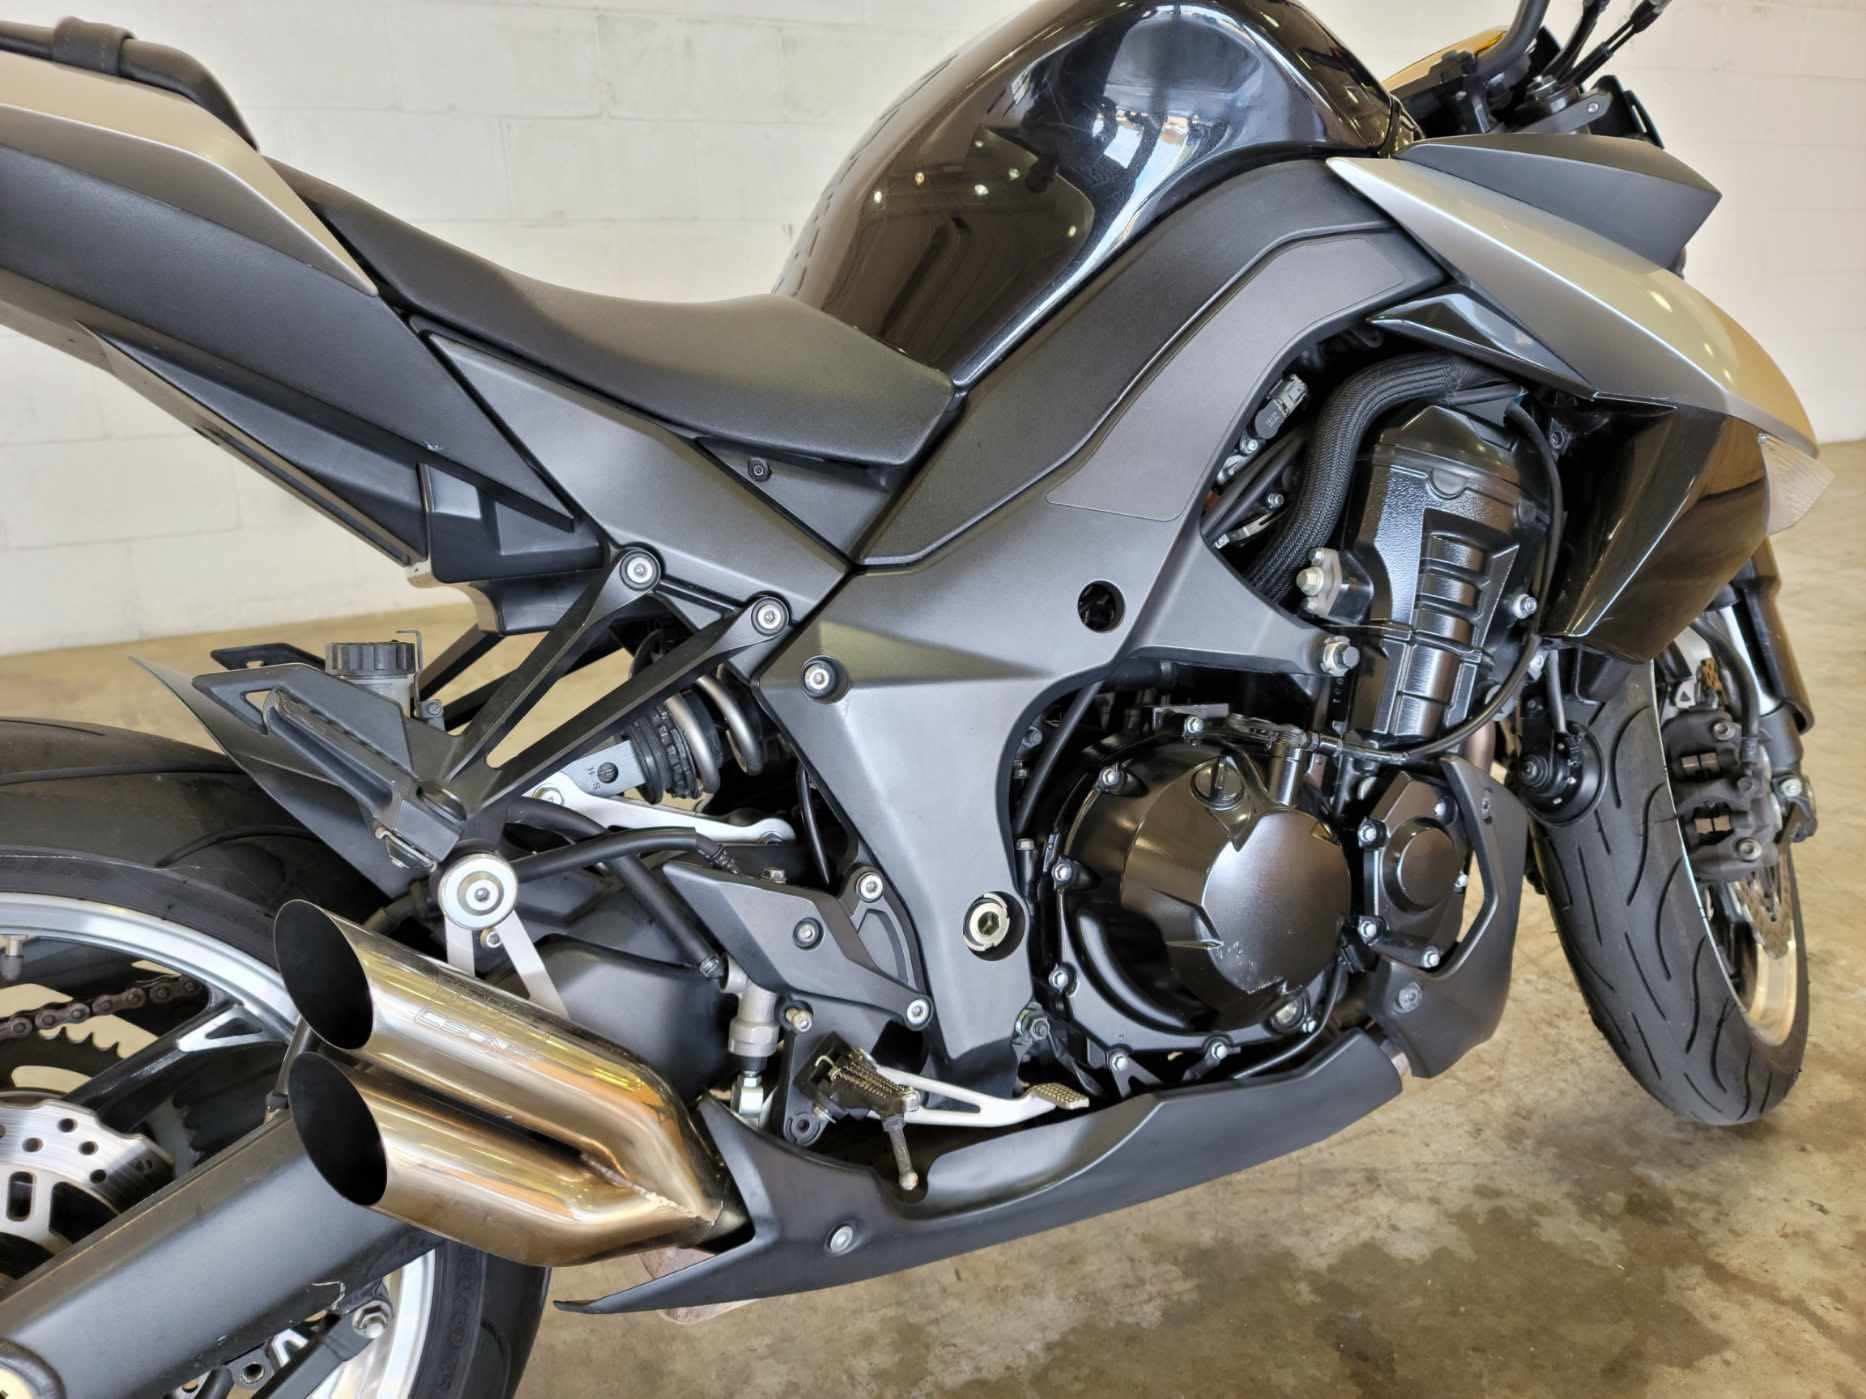 2010 Kawasaki Z 1000 at Twisted Cycles